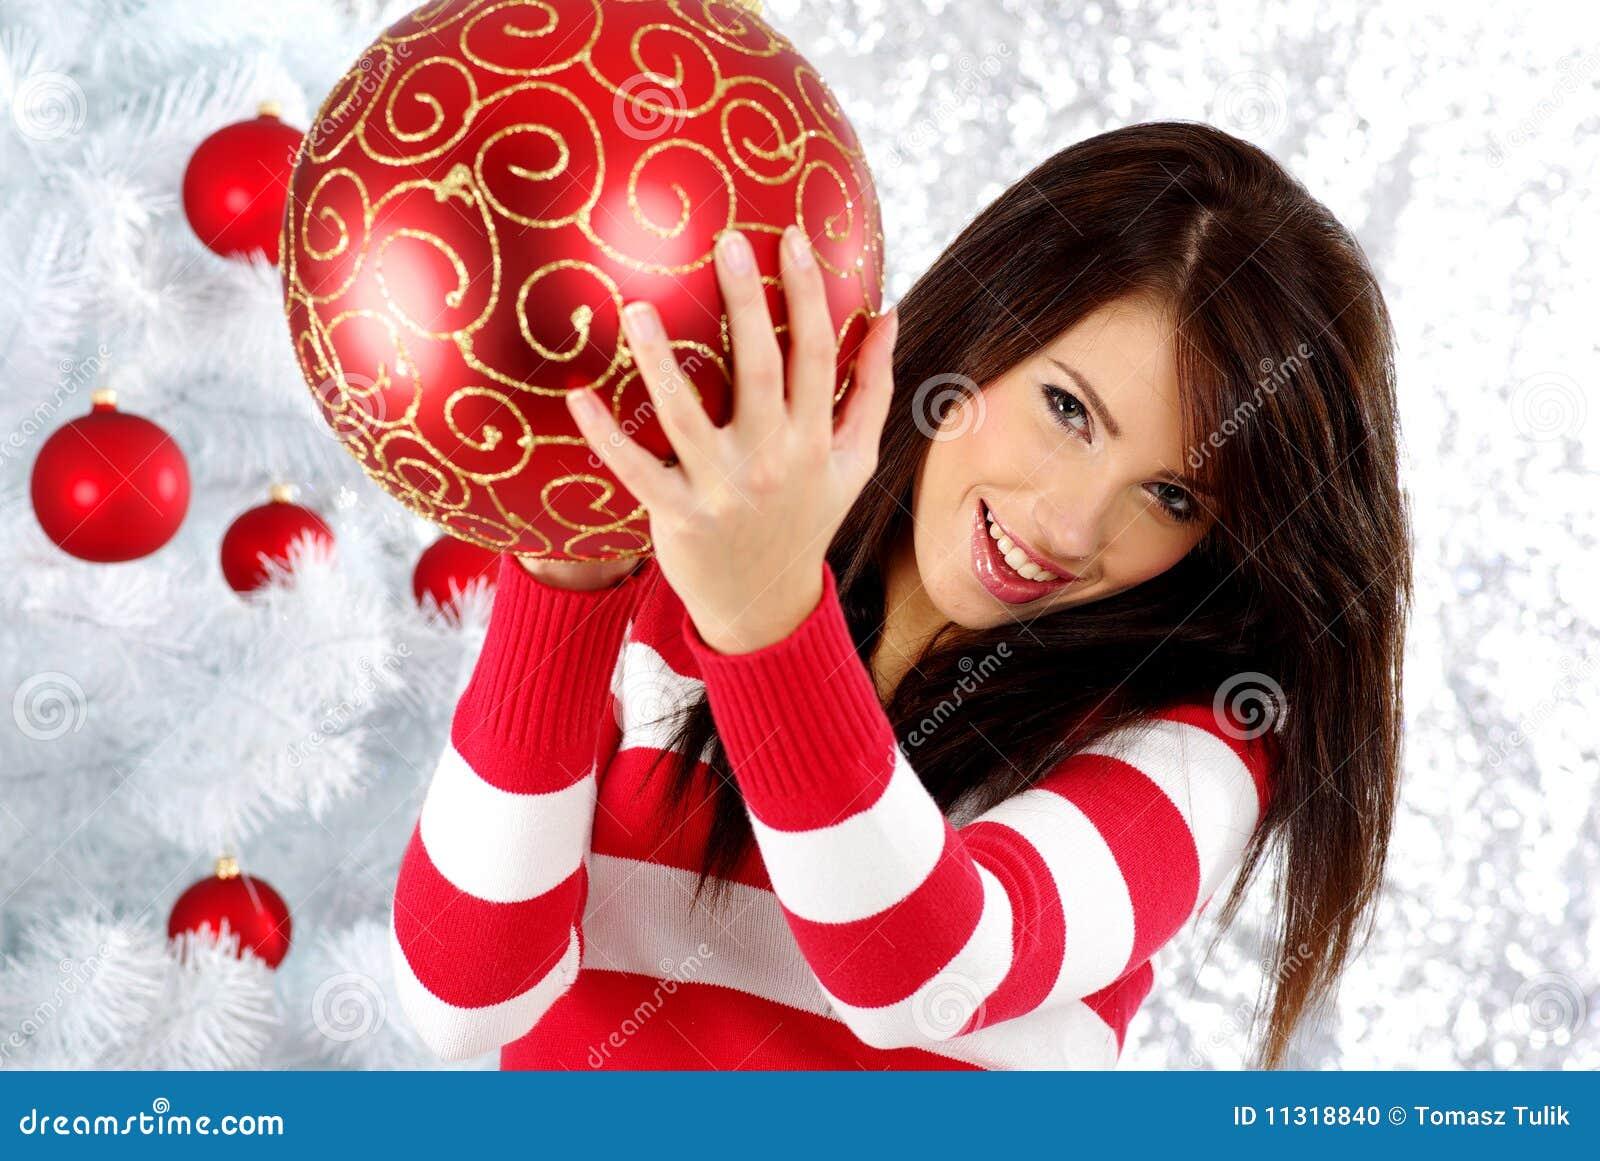 Frau mit Geschenk nahe bei weißem Weihnachtsbaum